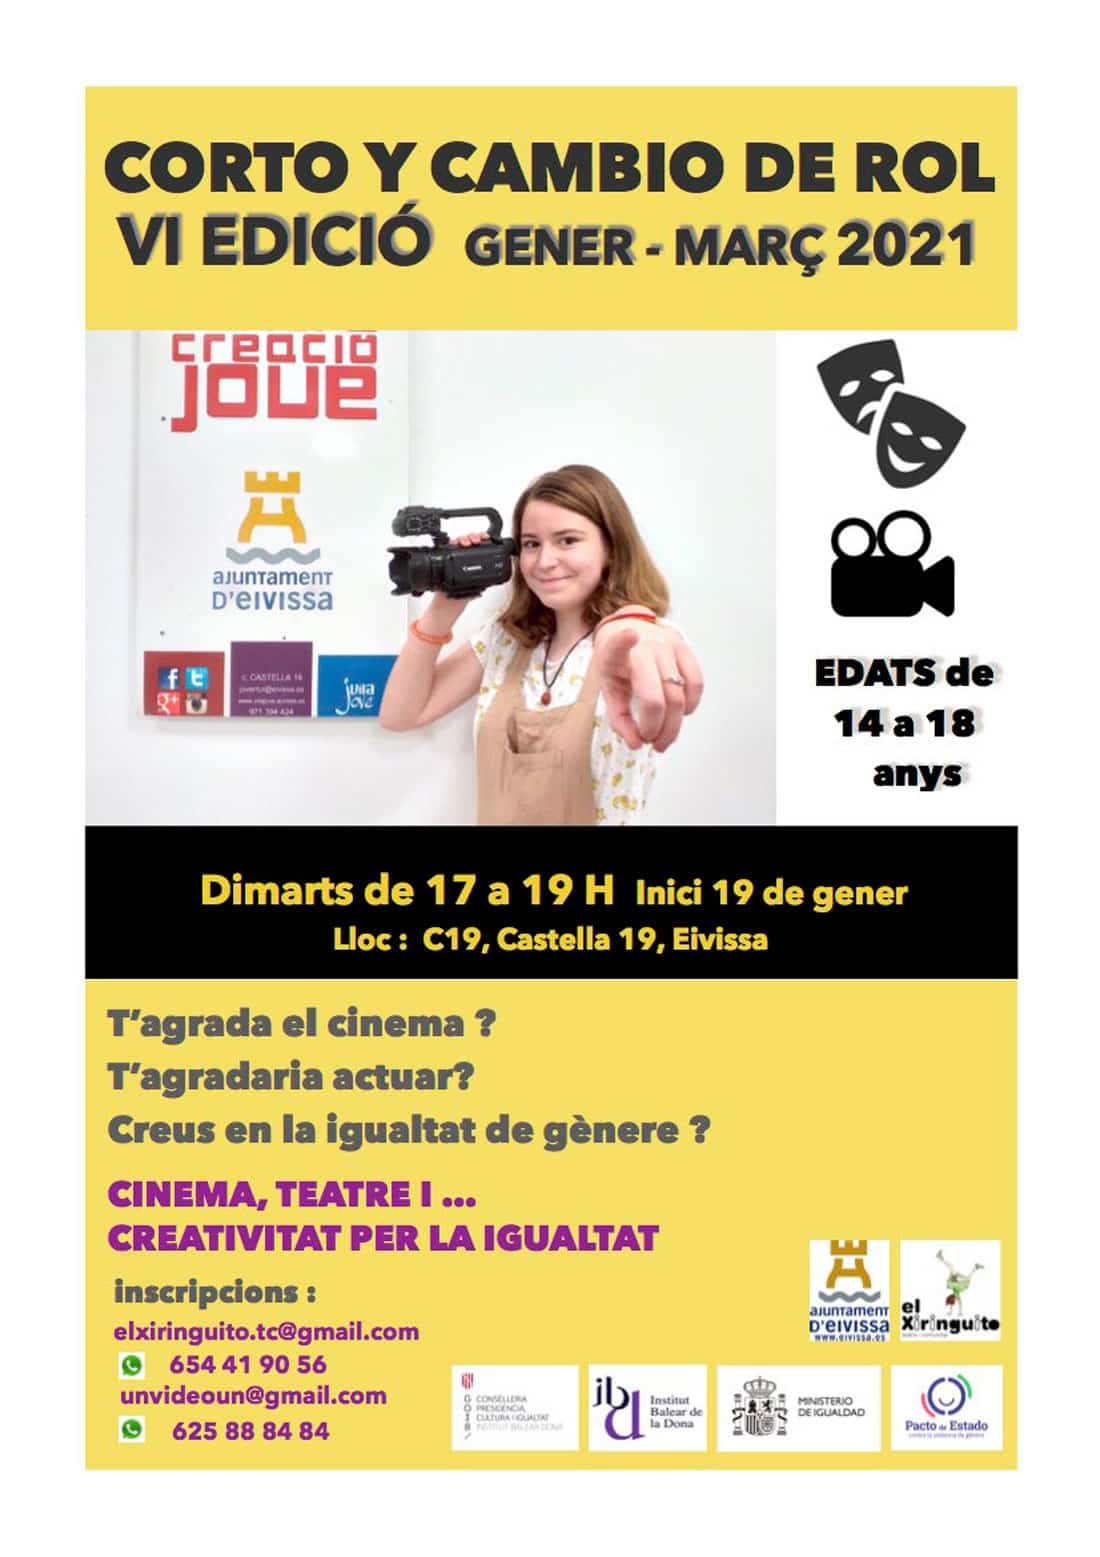 corto-y-cambio-de-rol-cortos-ibiza-2021-welcometoibiza